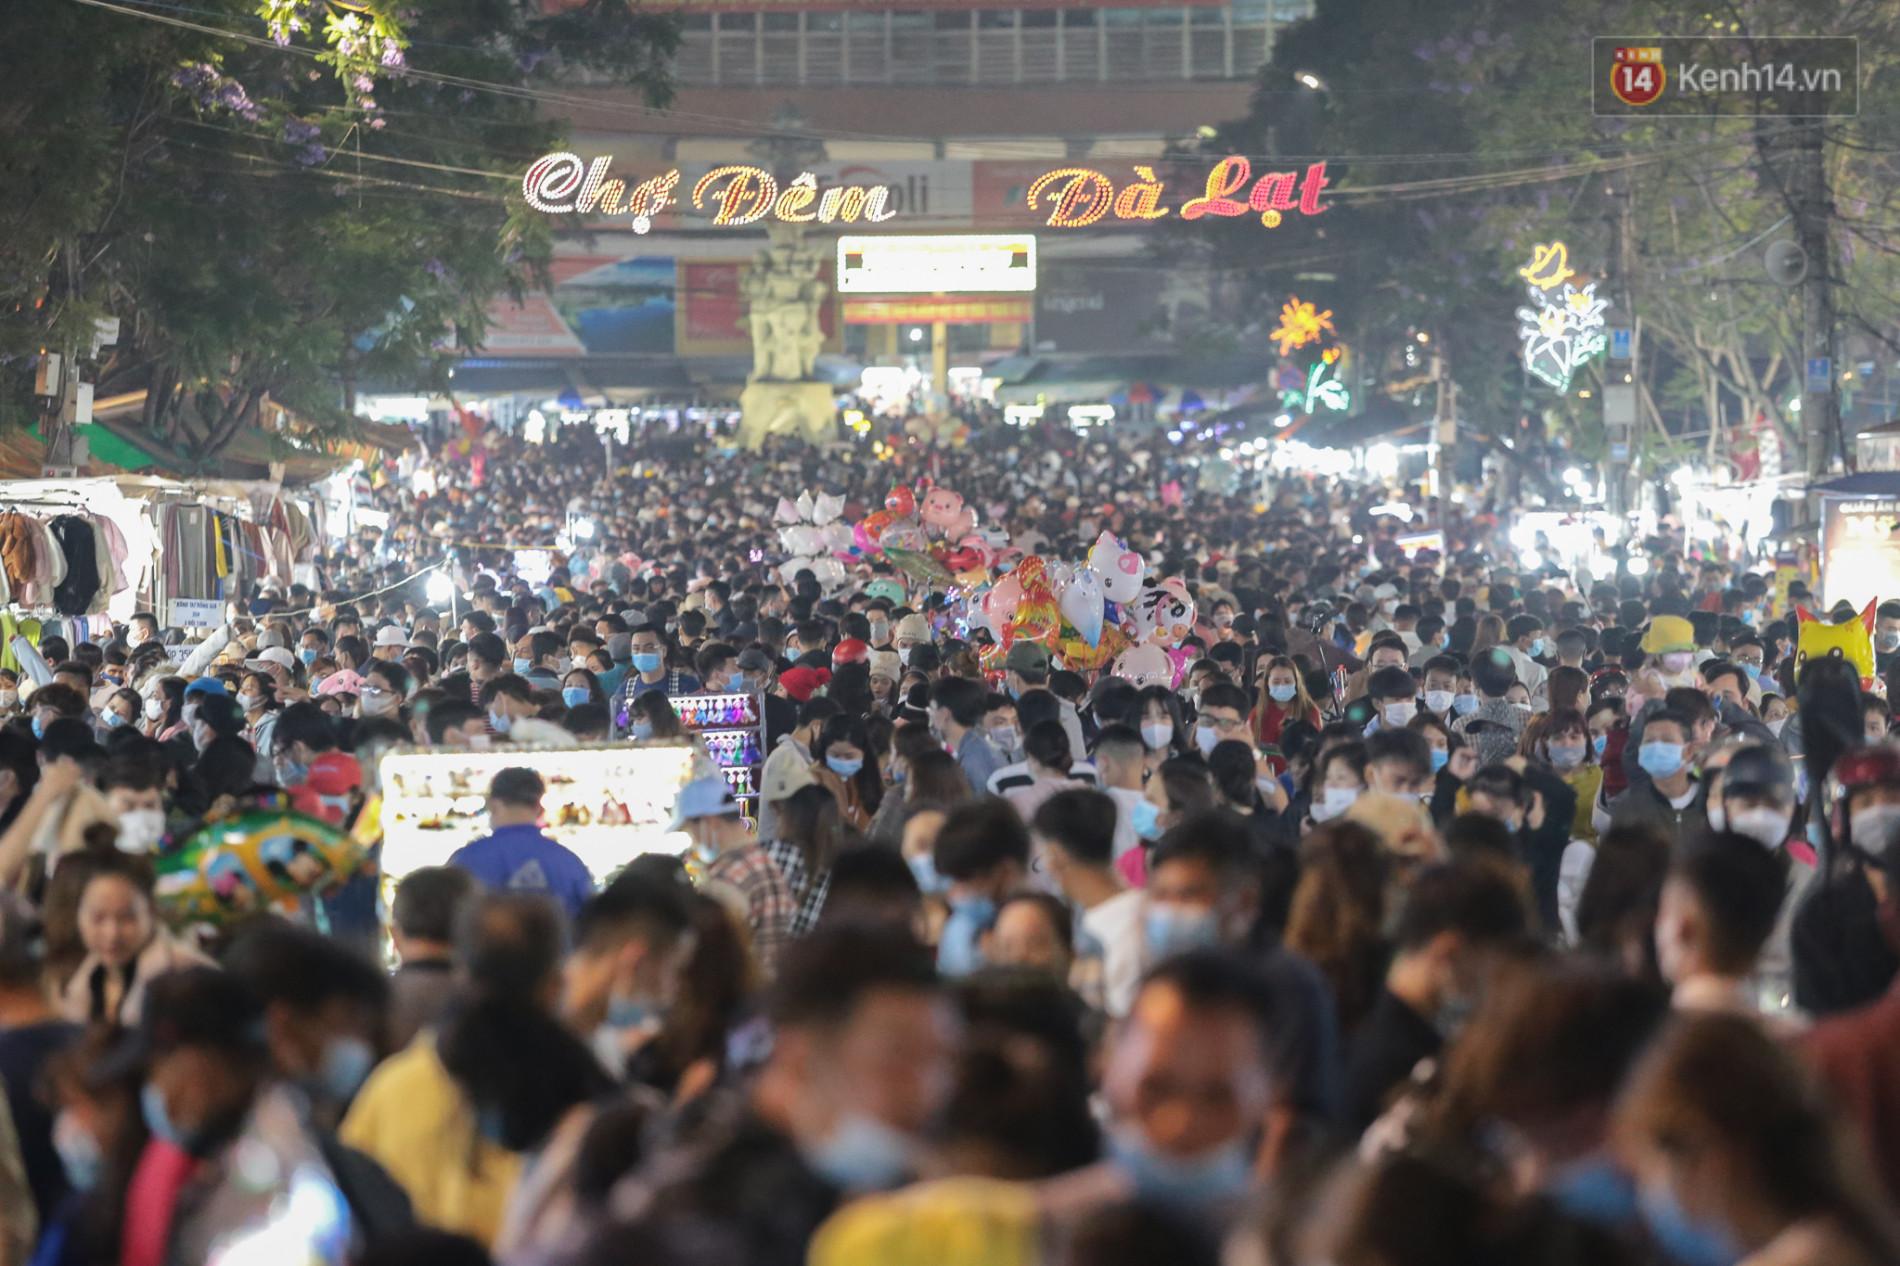 Cận cảnh chợ đêm Đà Lạt quá tải tối 30/4: Người đi bộ tràn xuống đường, xe máy ô tô nhích từng chút một - Ảnh 1.